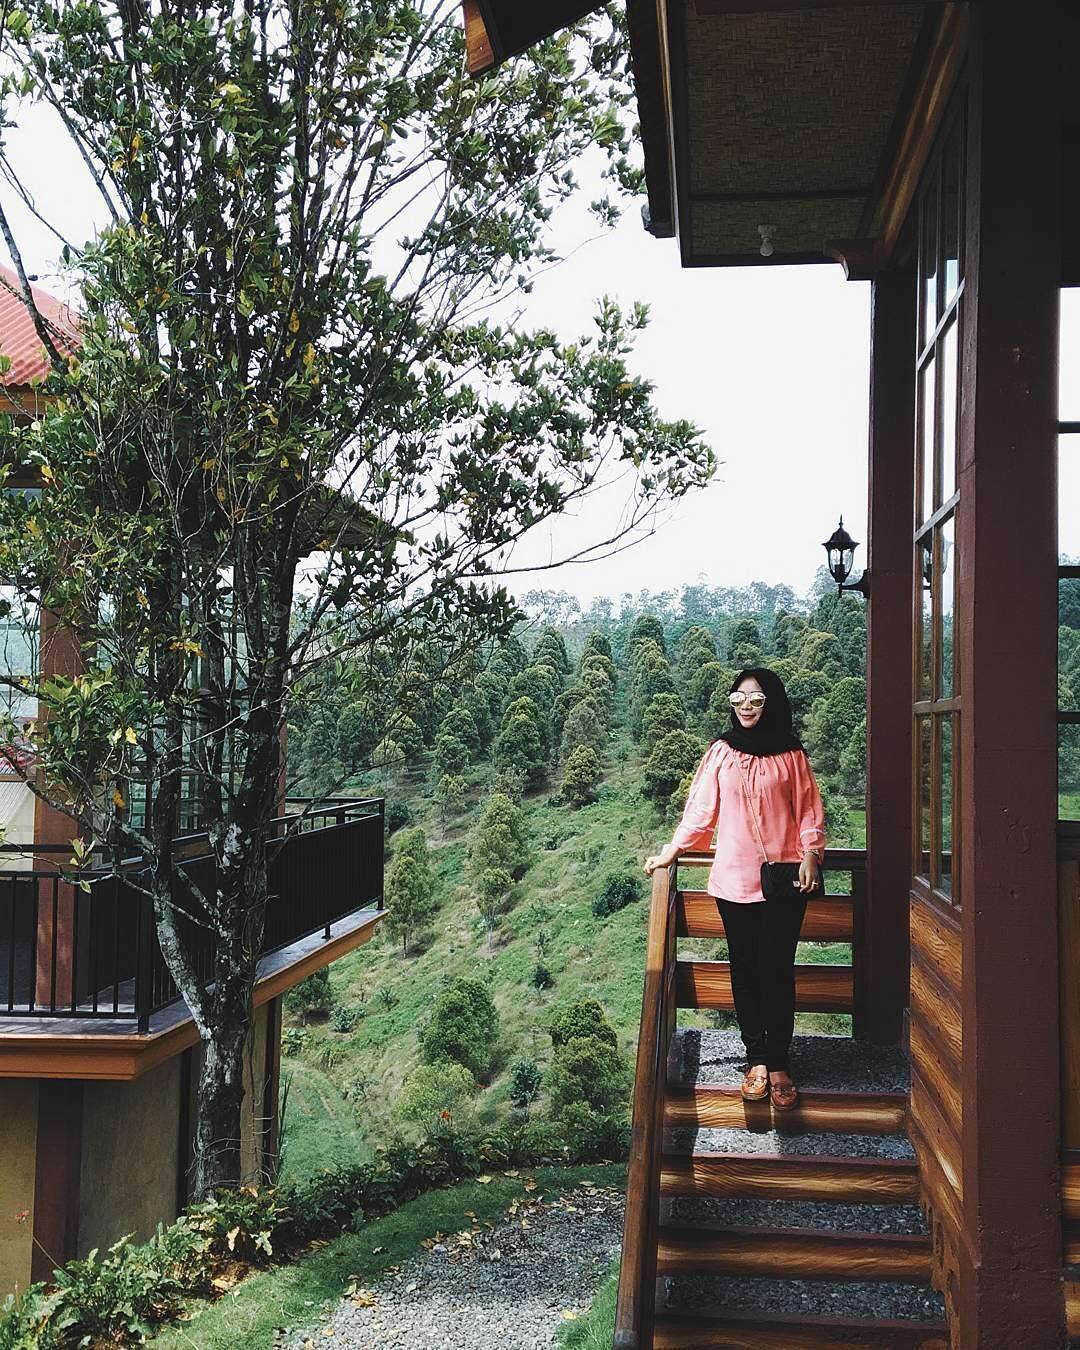 Wisata Songgon Dikunjungi Liburan Banyuwangi Nikmati Pengalaman Bermalam Tengah Dinginnya